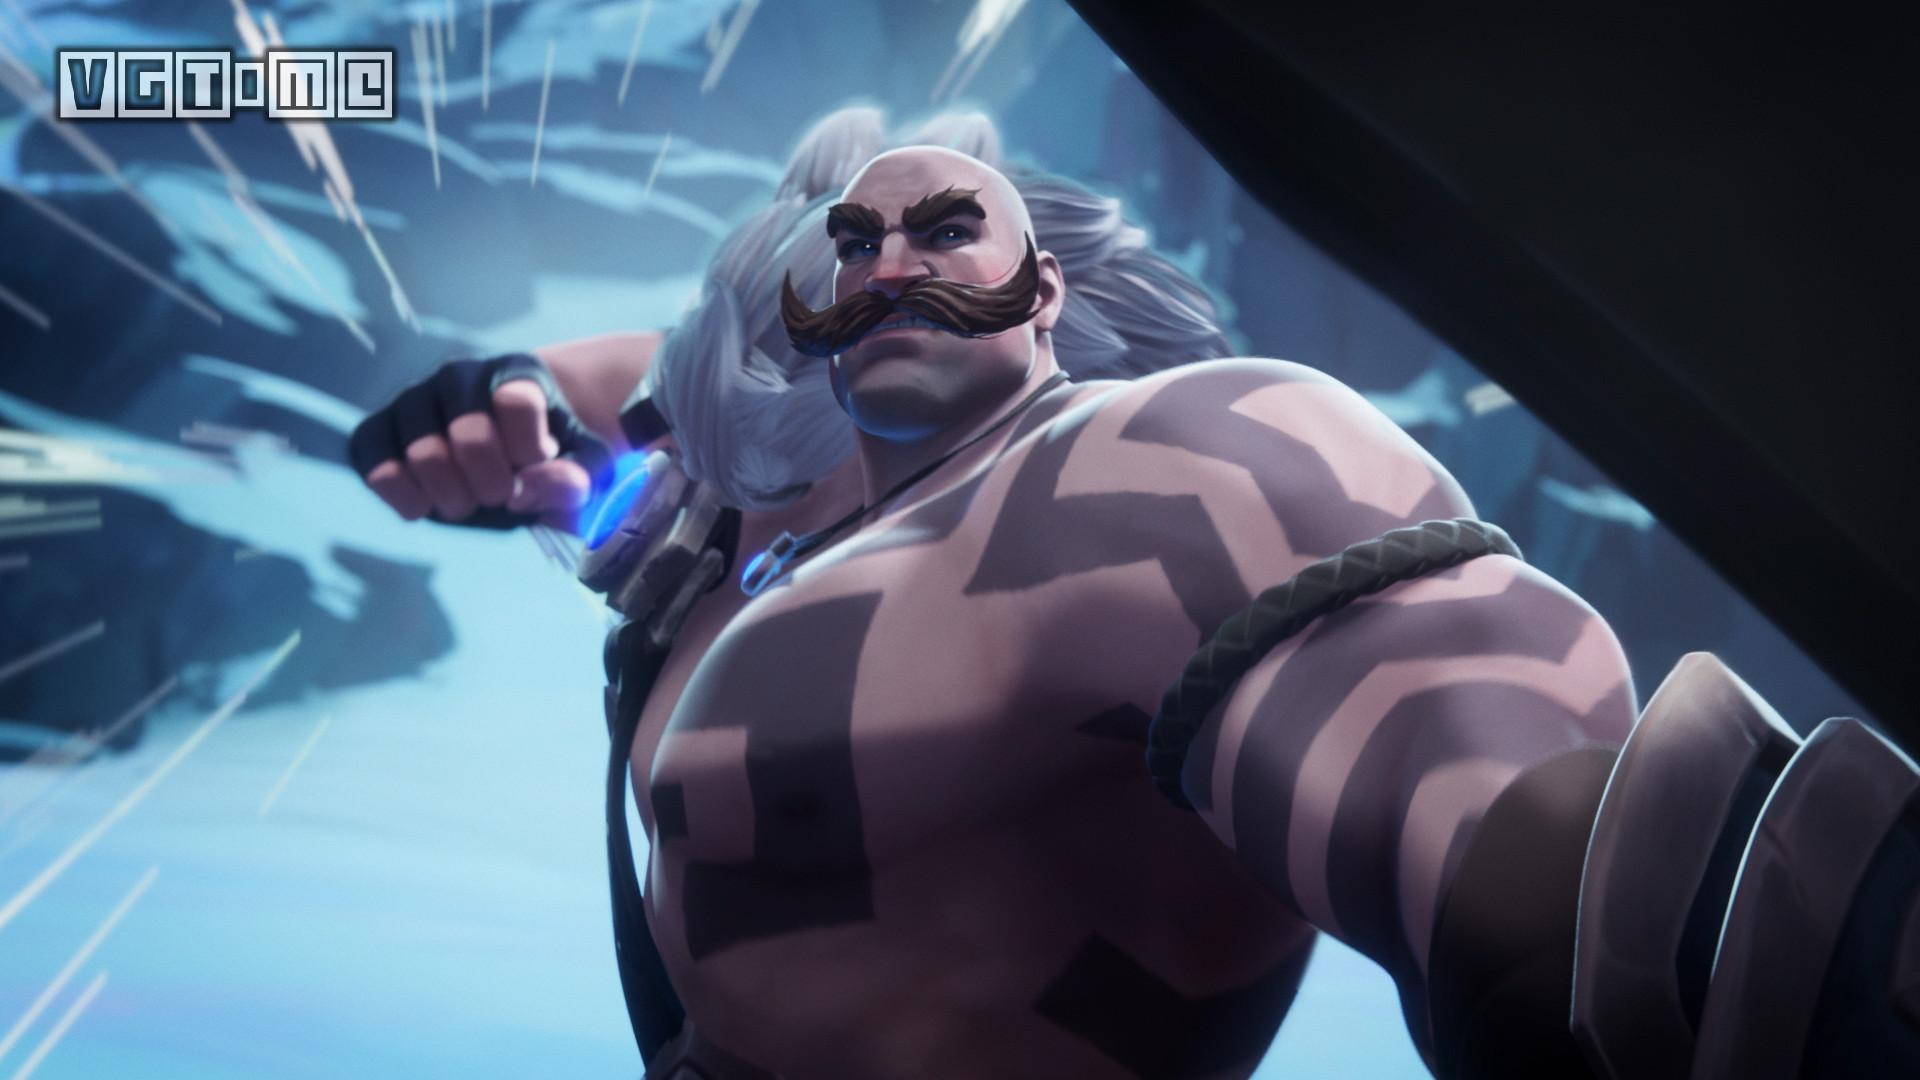 《英雄联盟》衍生RPG《破败王者:英雄联盟传奇》新预告公布